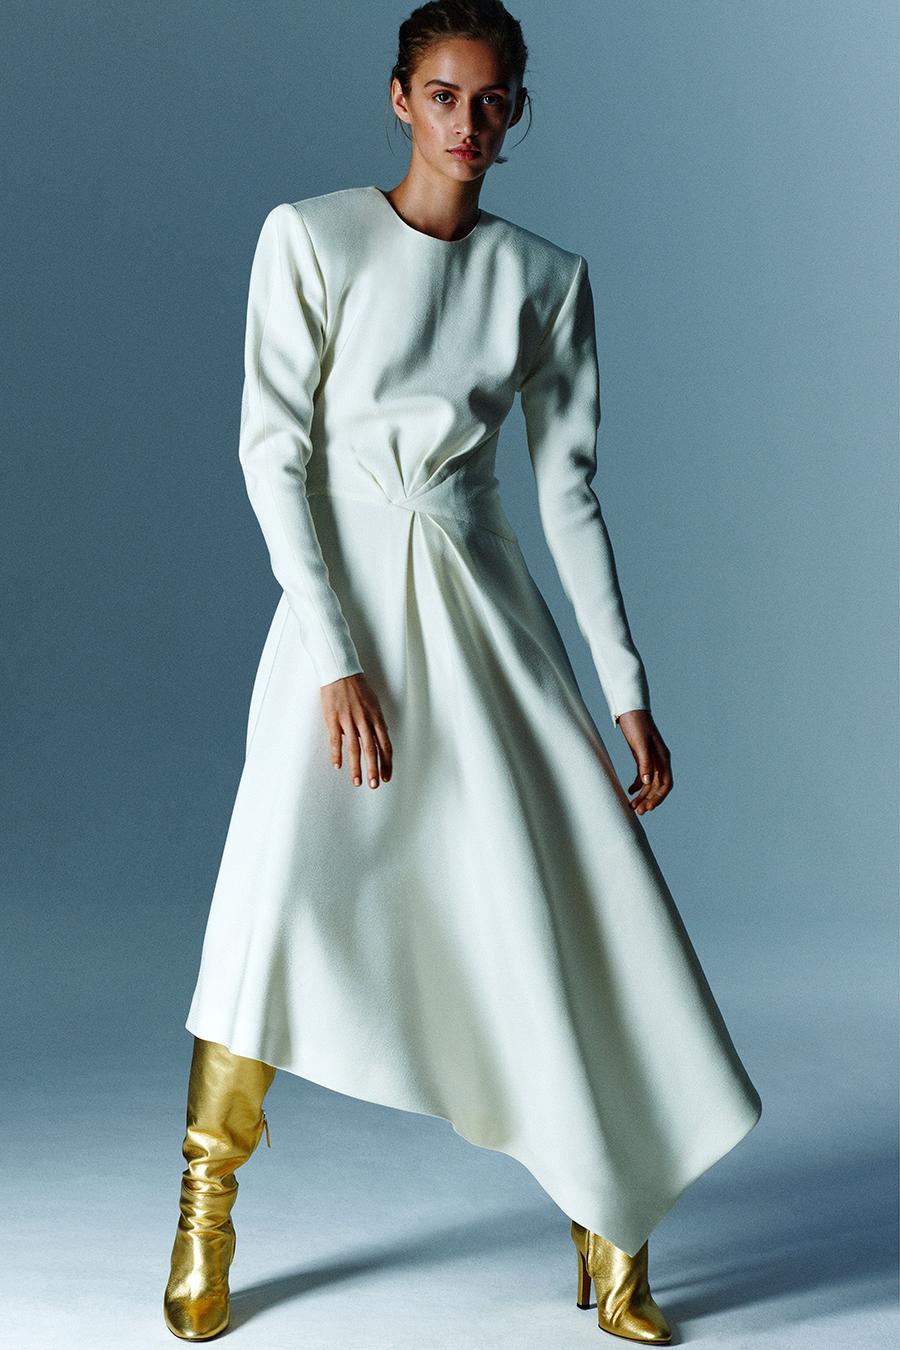 модные сапоги осень зима 2021 2022 золотые